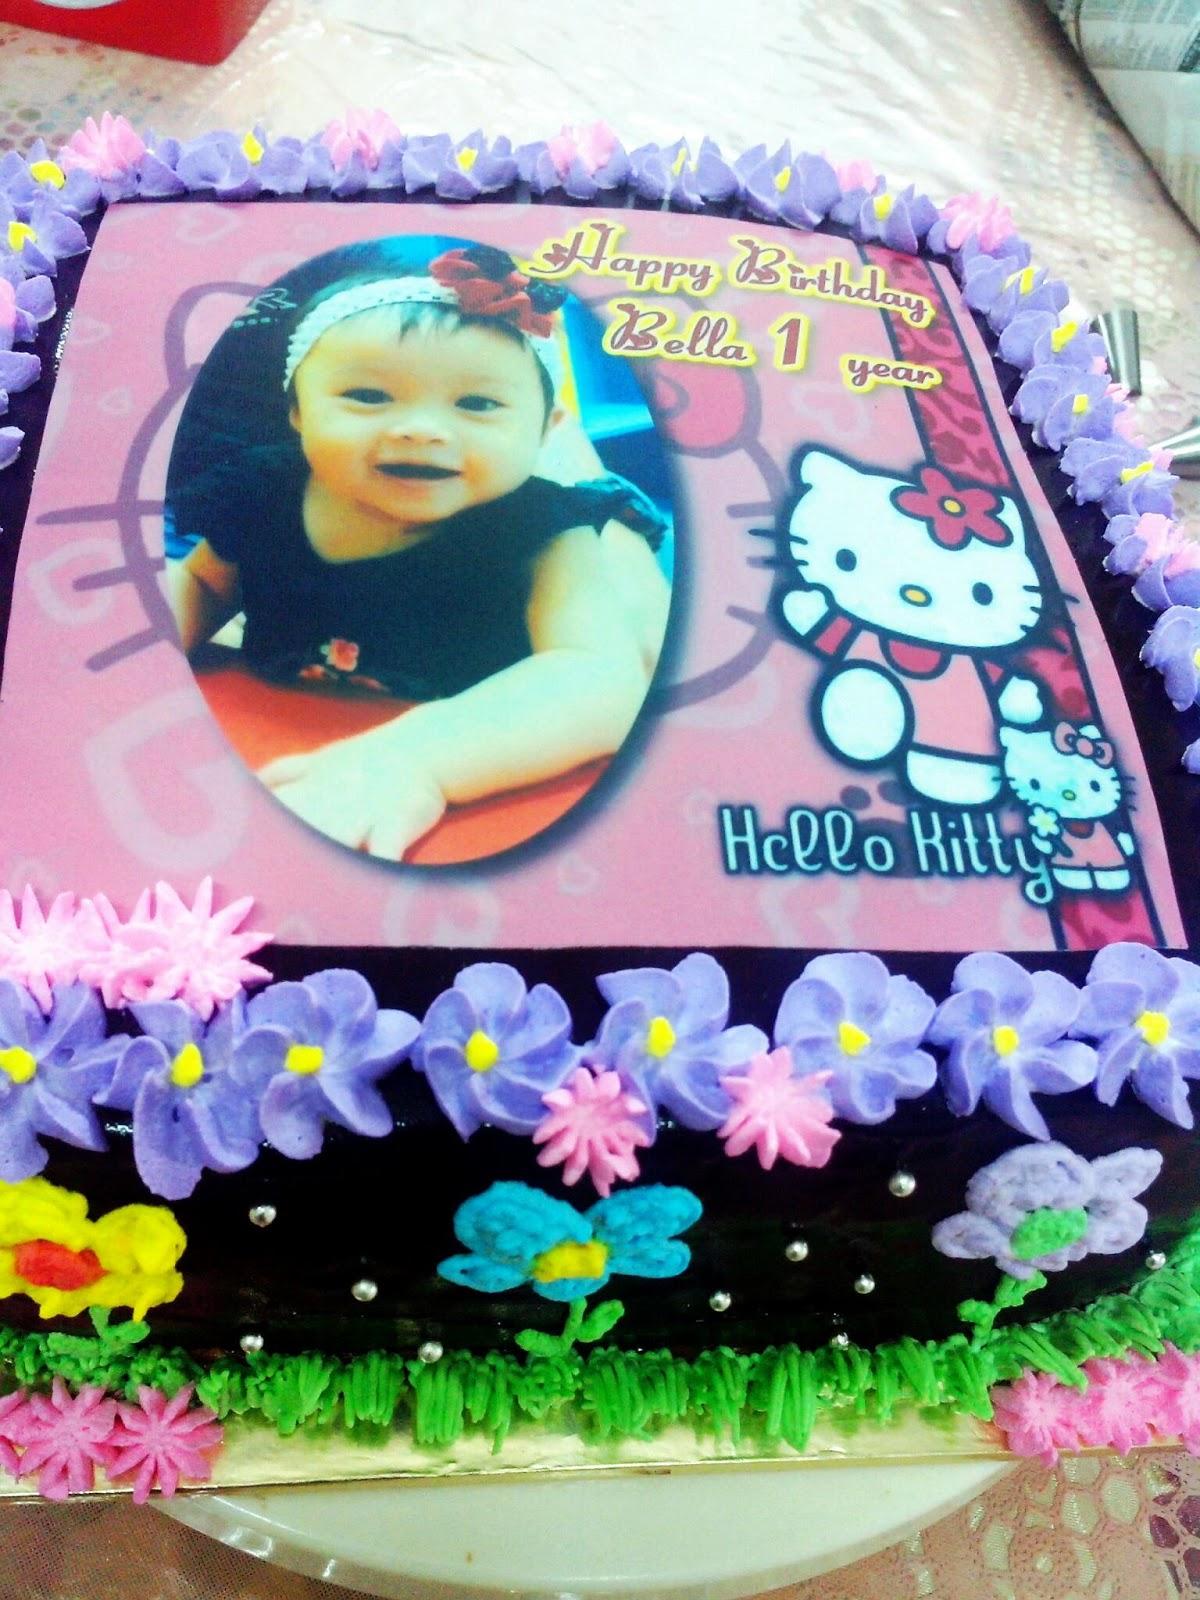 Terima Kasih Ely Order Untuk Kek Harijadi Anak Bongsu Nya Bella Yang Ke 1 Tahun Edible Image Hello Kitty 2kg Chocolate Indulgence Cake